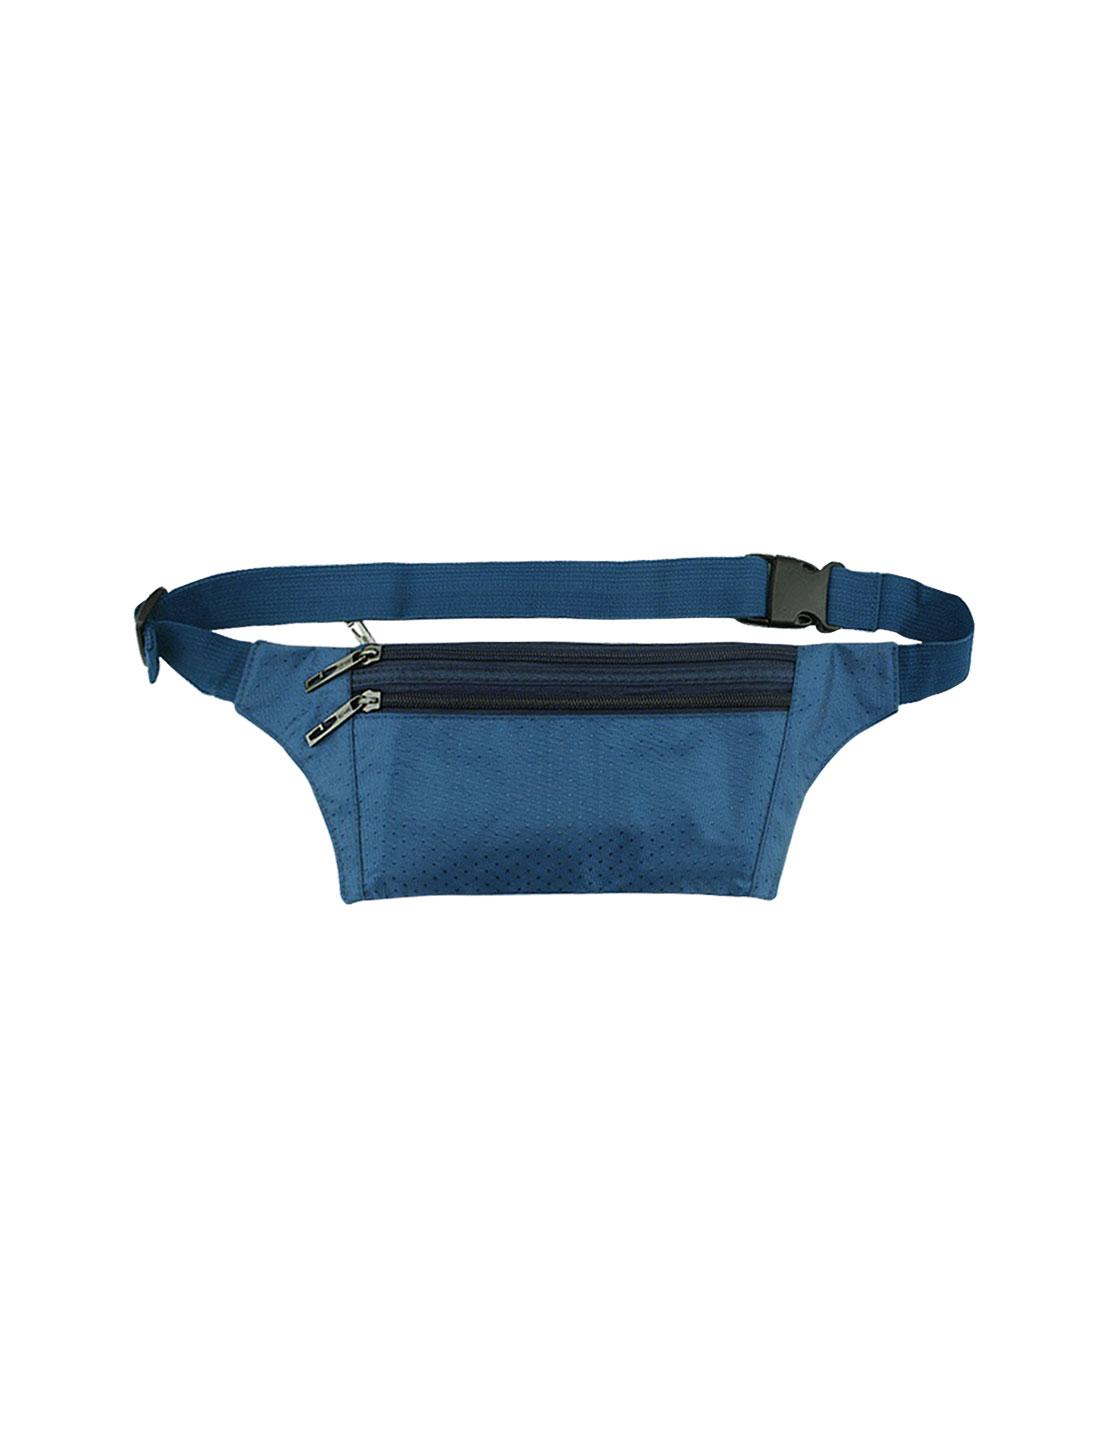 Unisex Three Zipper Pockets Argyle Design Waist Bag Dark Blue